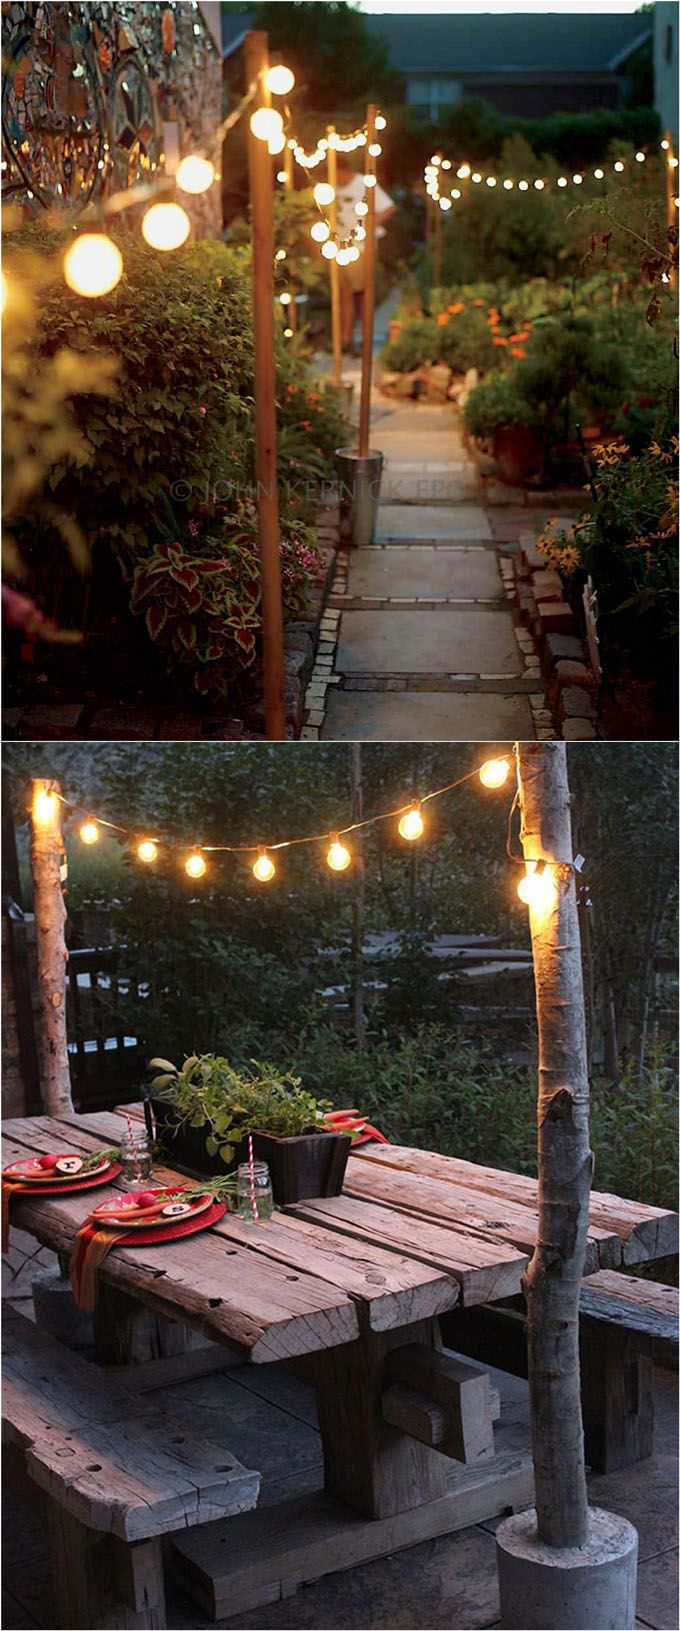 fa3ed5fb4951a6091edc14a582ae07a1 outdoor lighting ideas diy outdoor